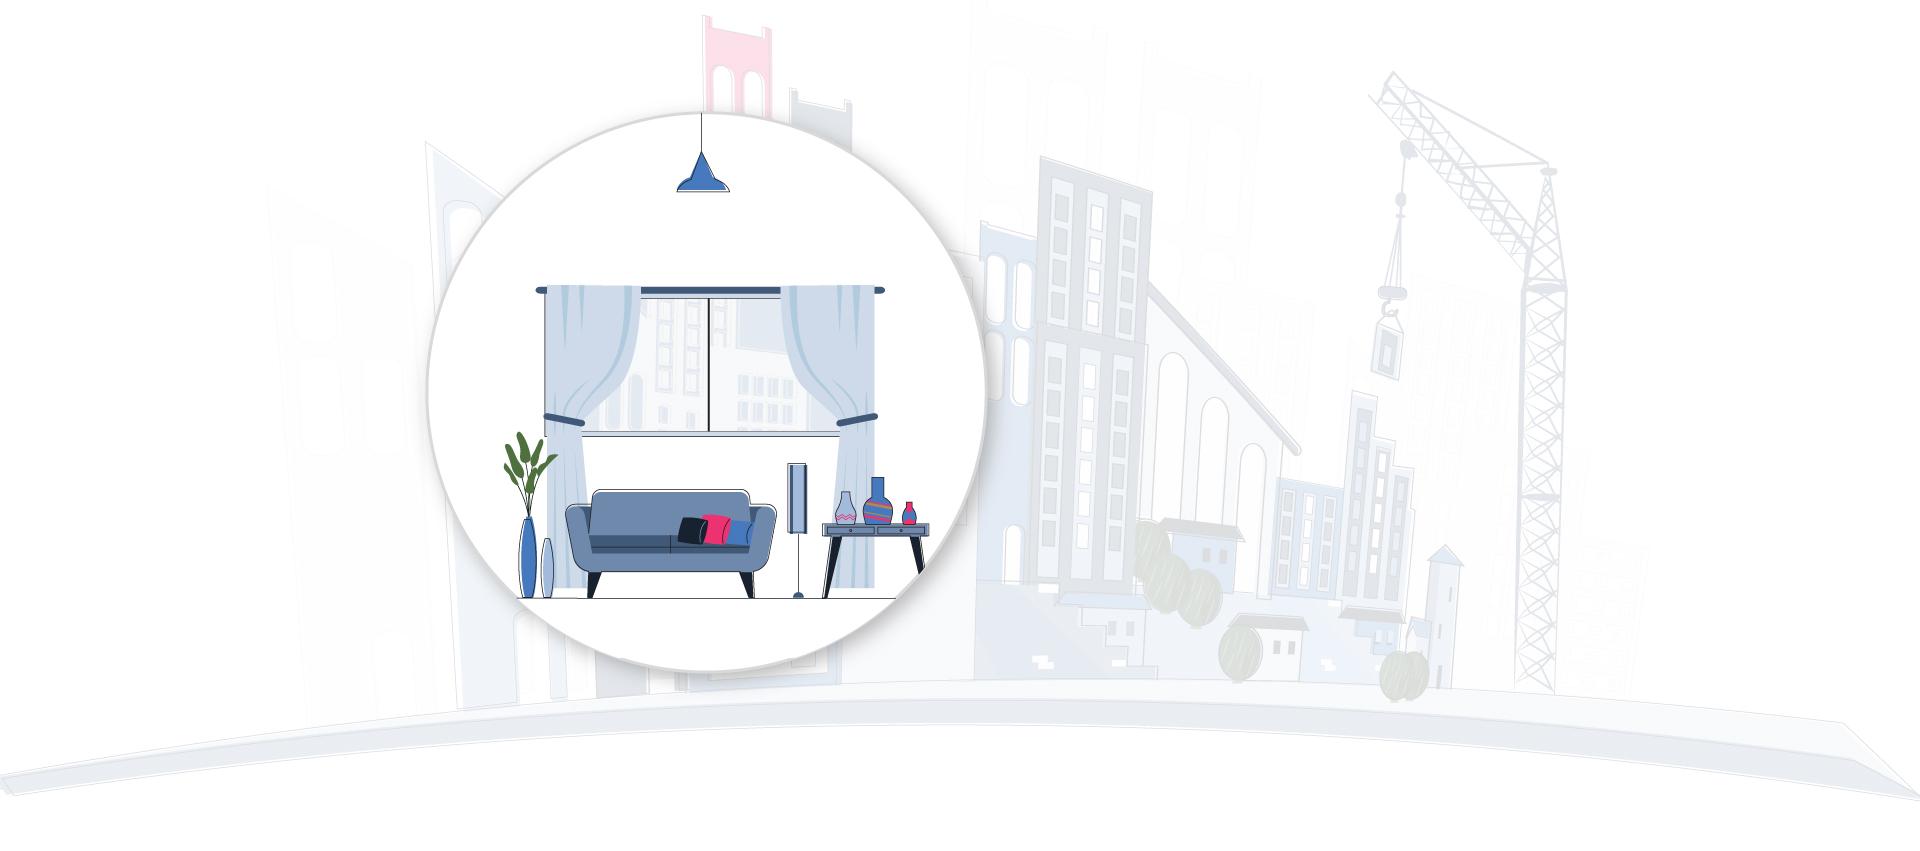 Qobrix Real Estate Client Portal